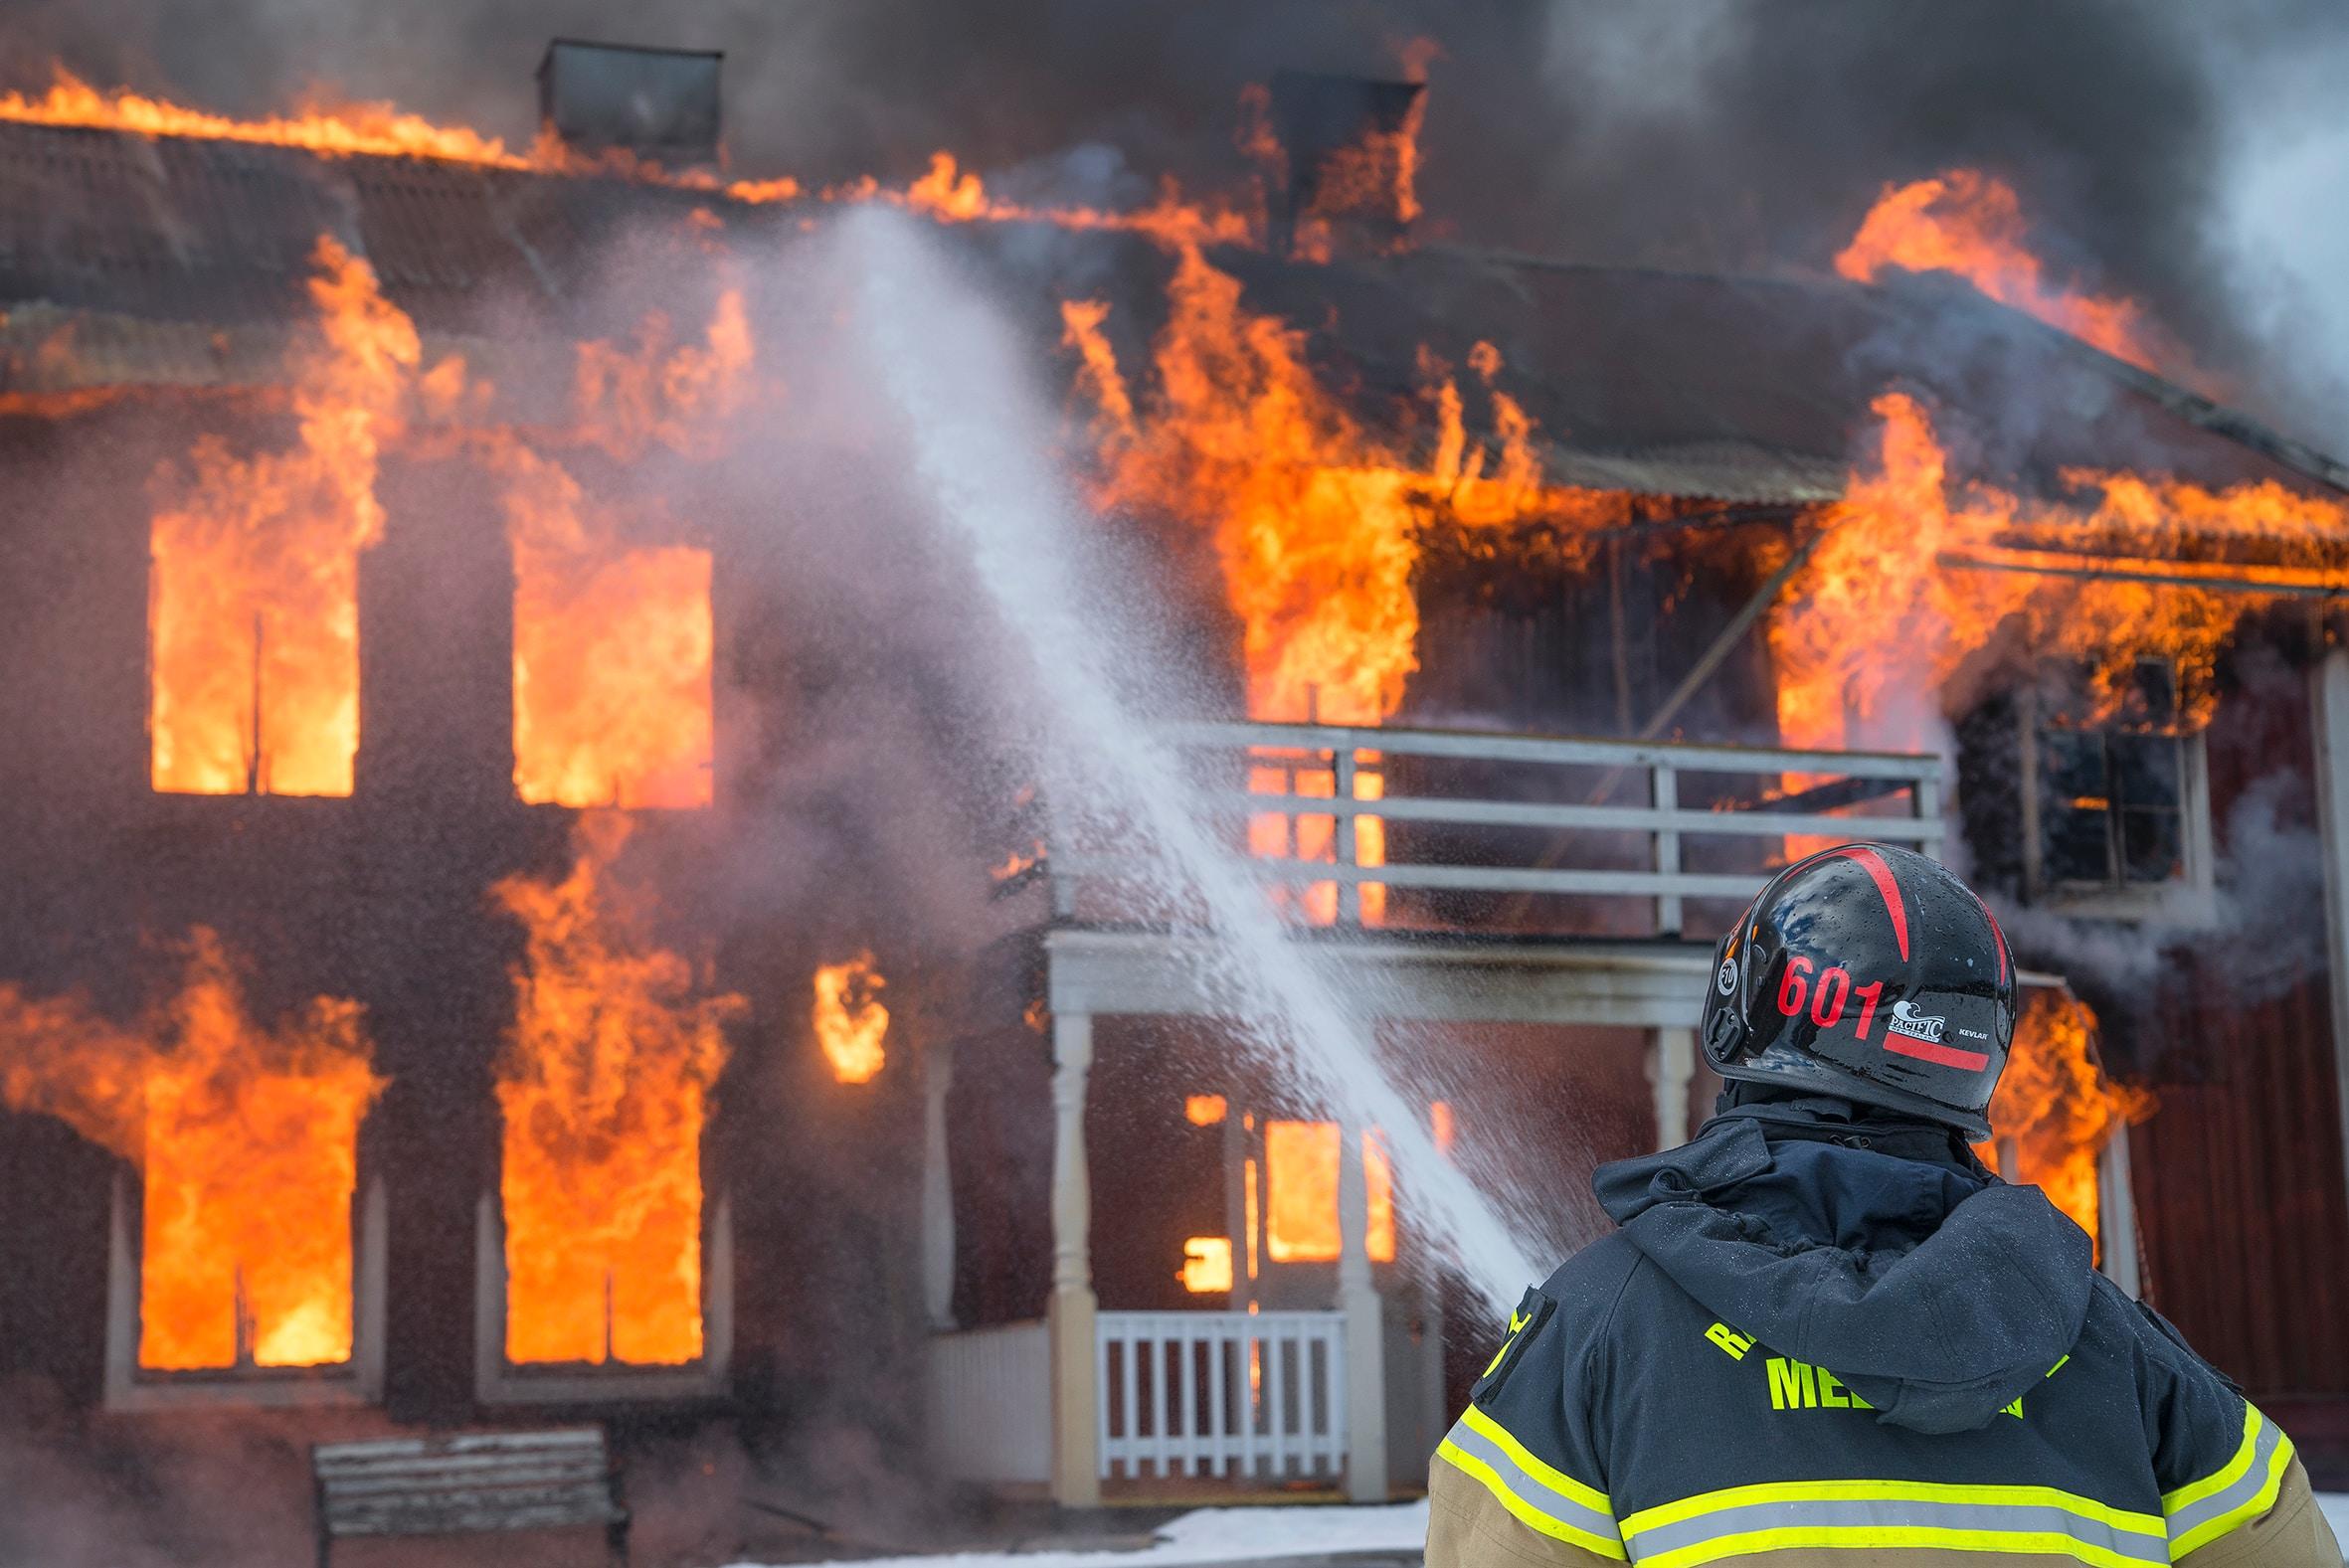 Fünfjähriger rettet Schwester und Hund aus brennendem Haus